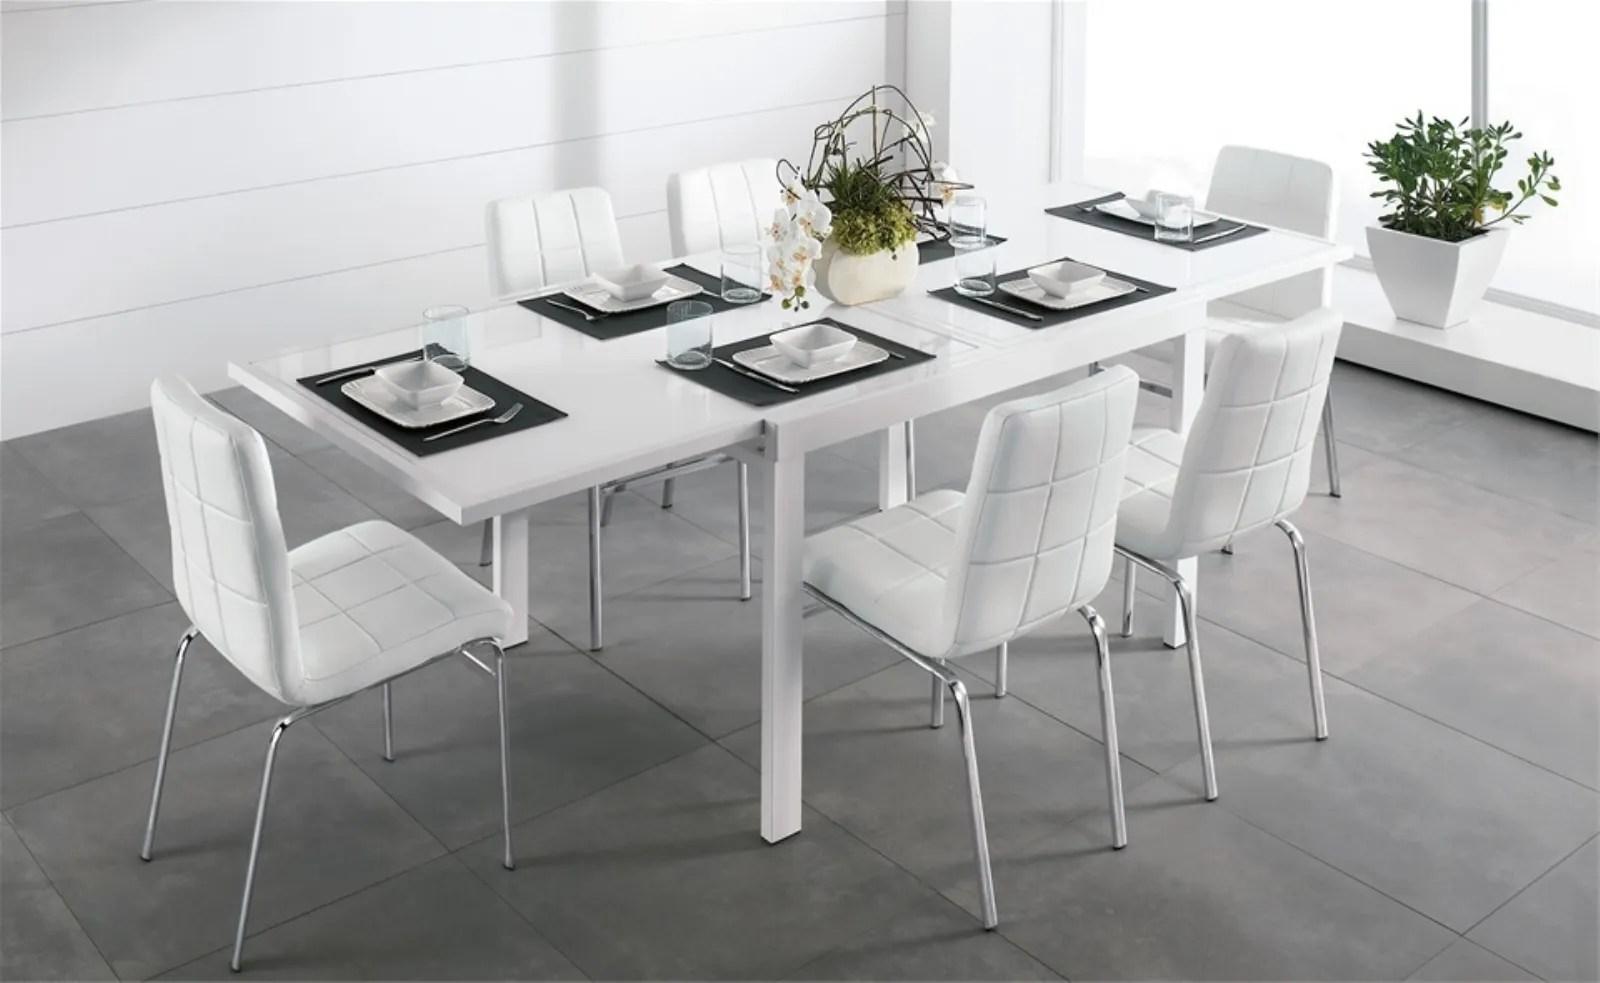 In mondo convenienza sedie e modelli hanno prezzi che dipendono da vari fattori. Tavolo Mondo Convenienza Comodo Ed Economico